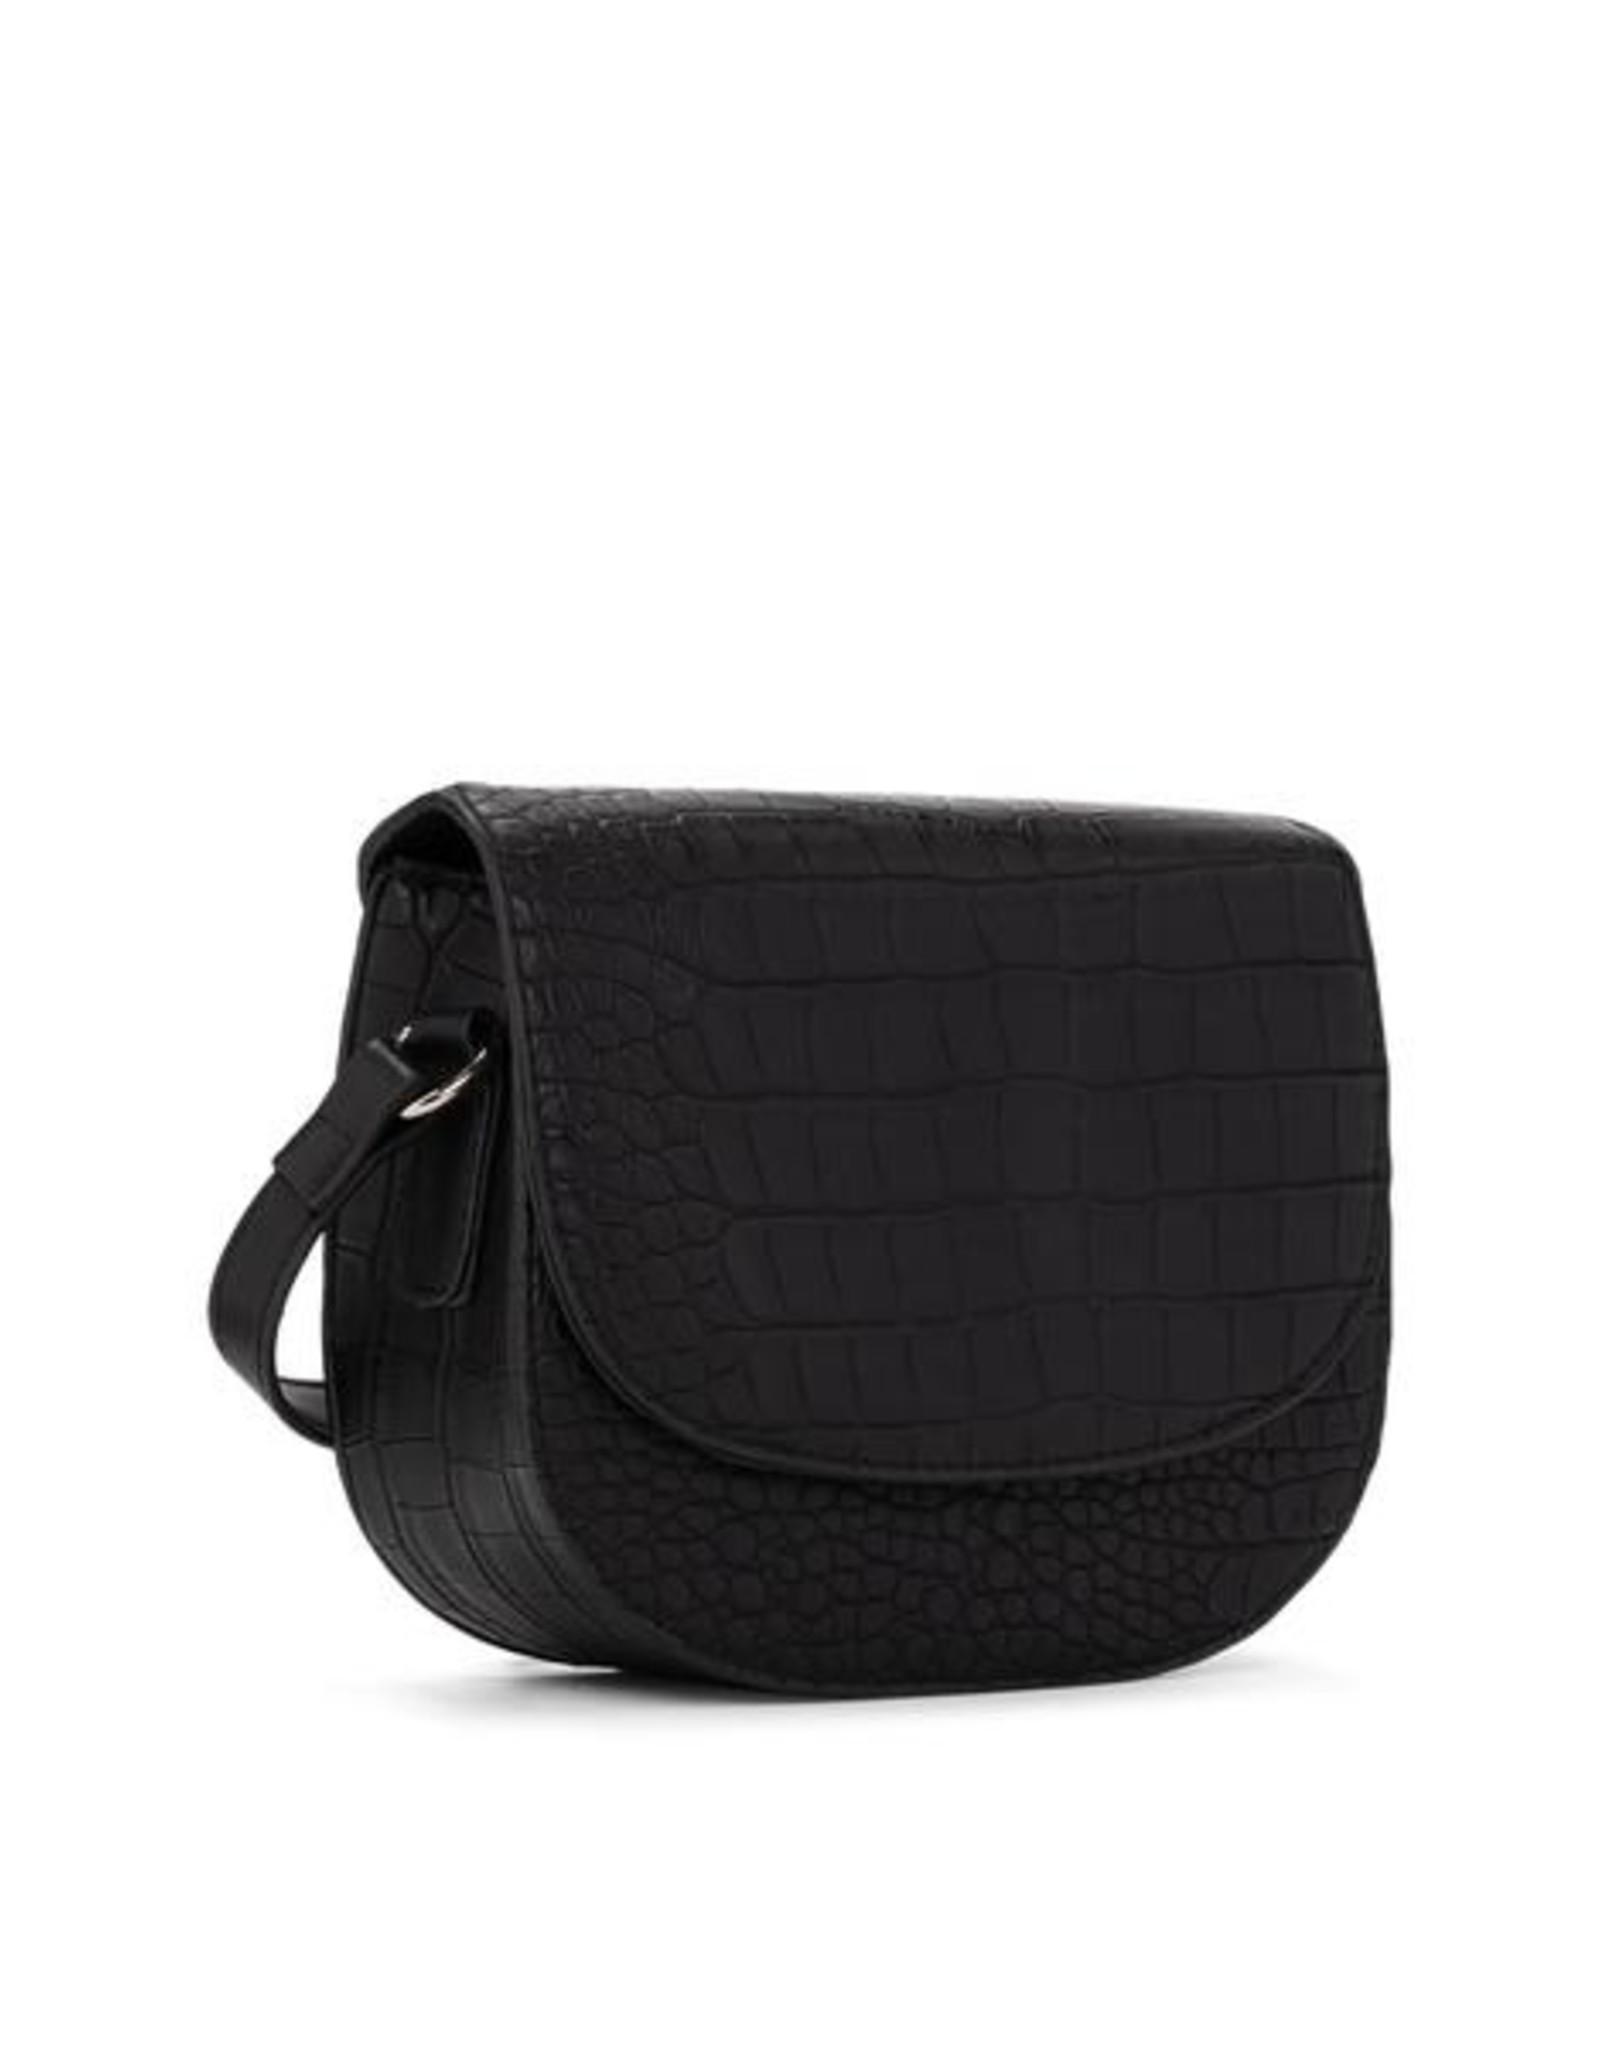 Colab Colab Small Saddle Bag